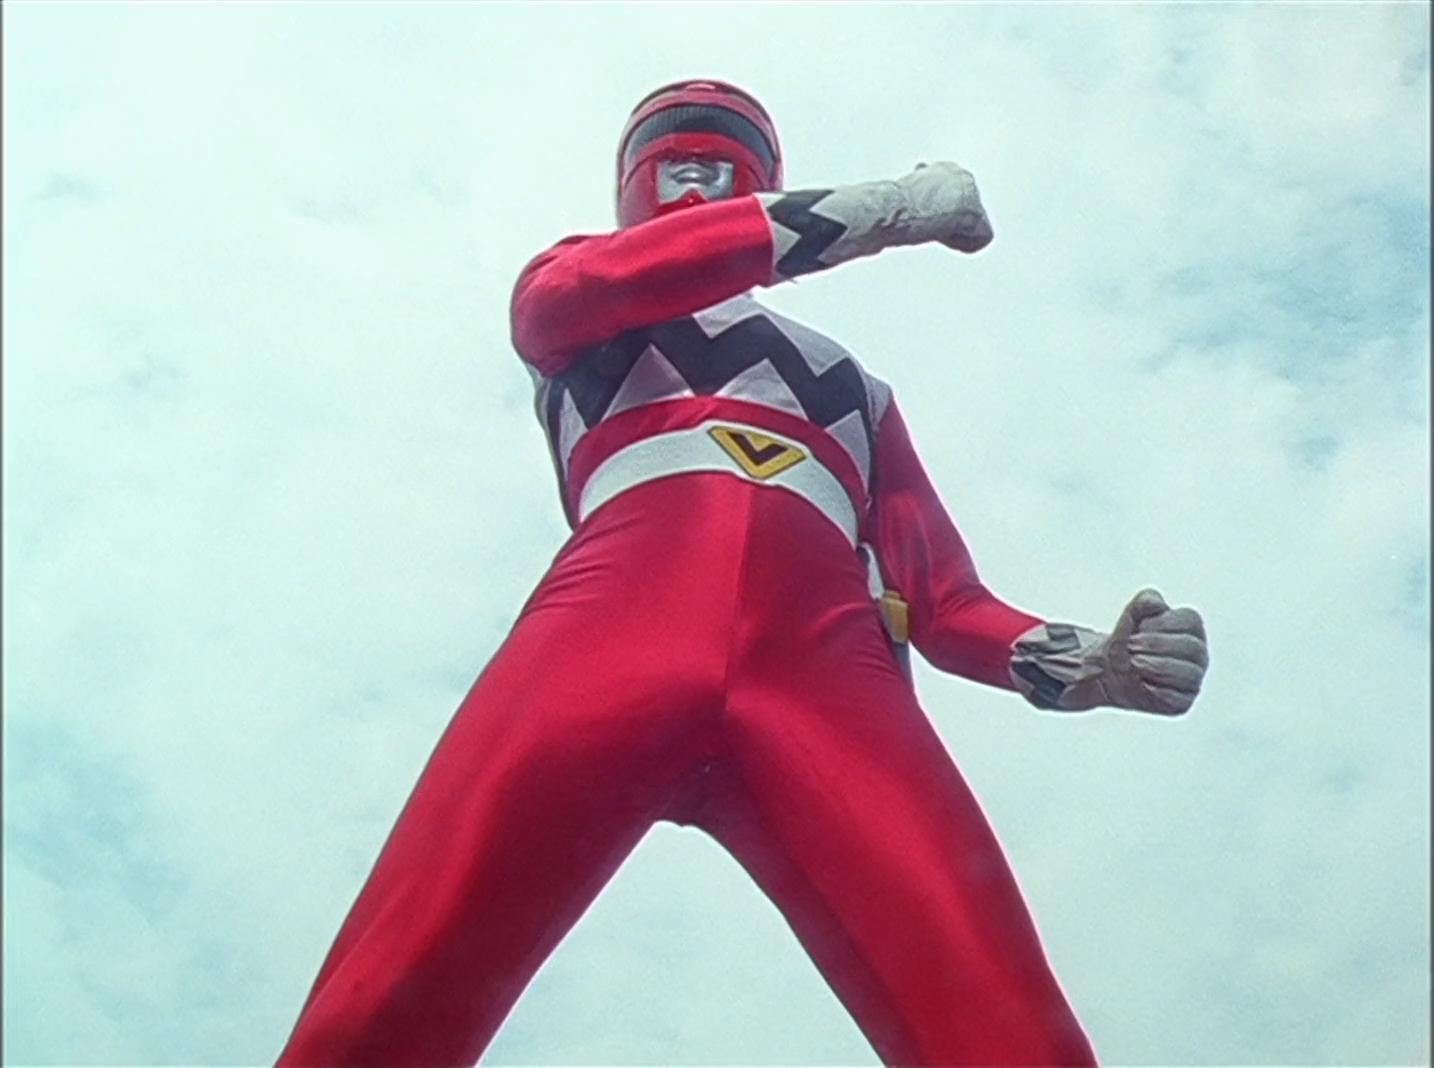 File:GingaRed Gaoranger vs. Super Sentai.PNG